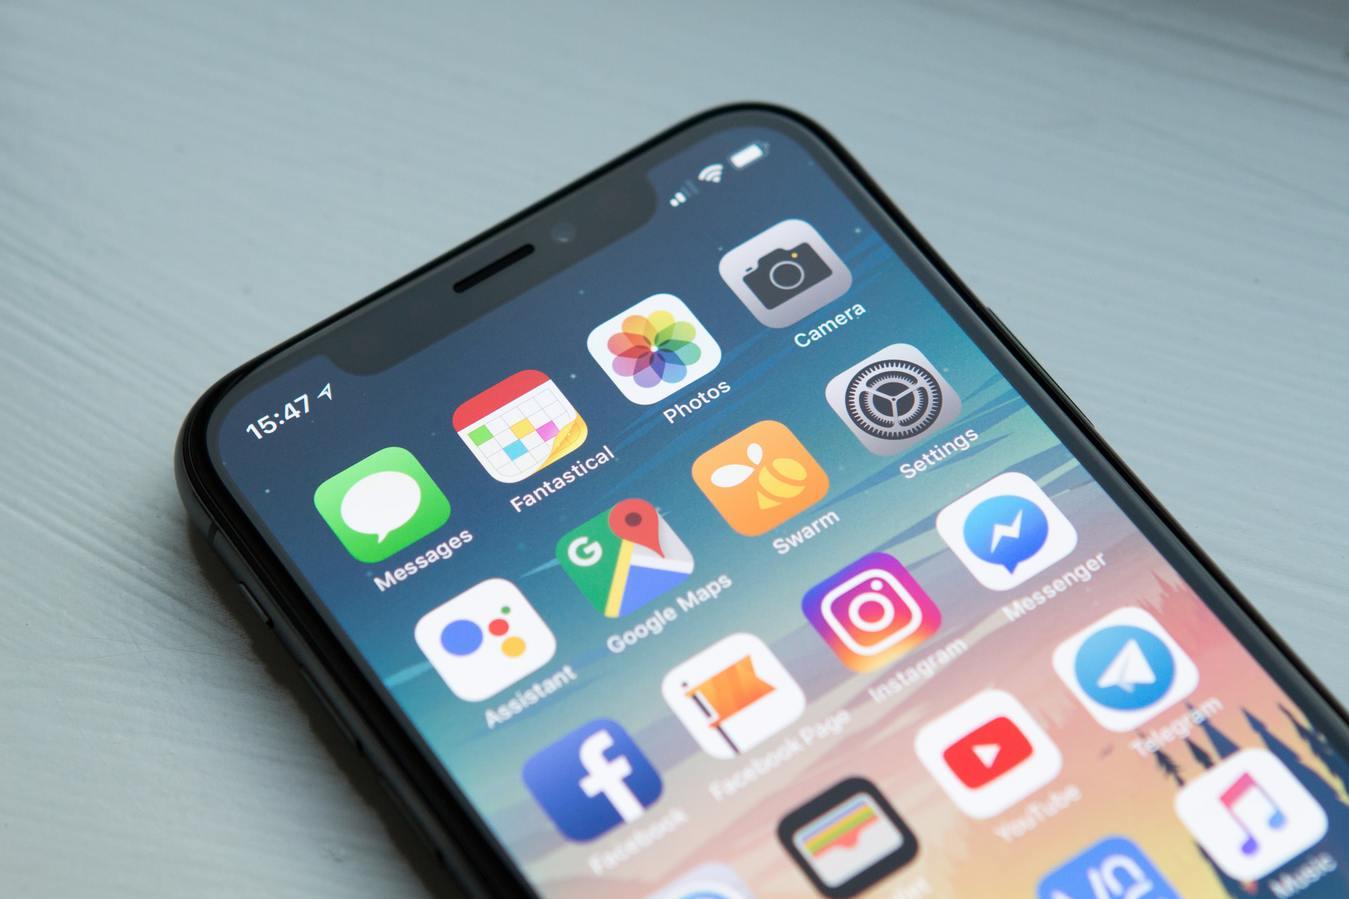 Tela do iPhone mostrando aplicativos